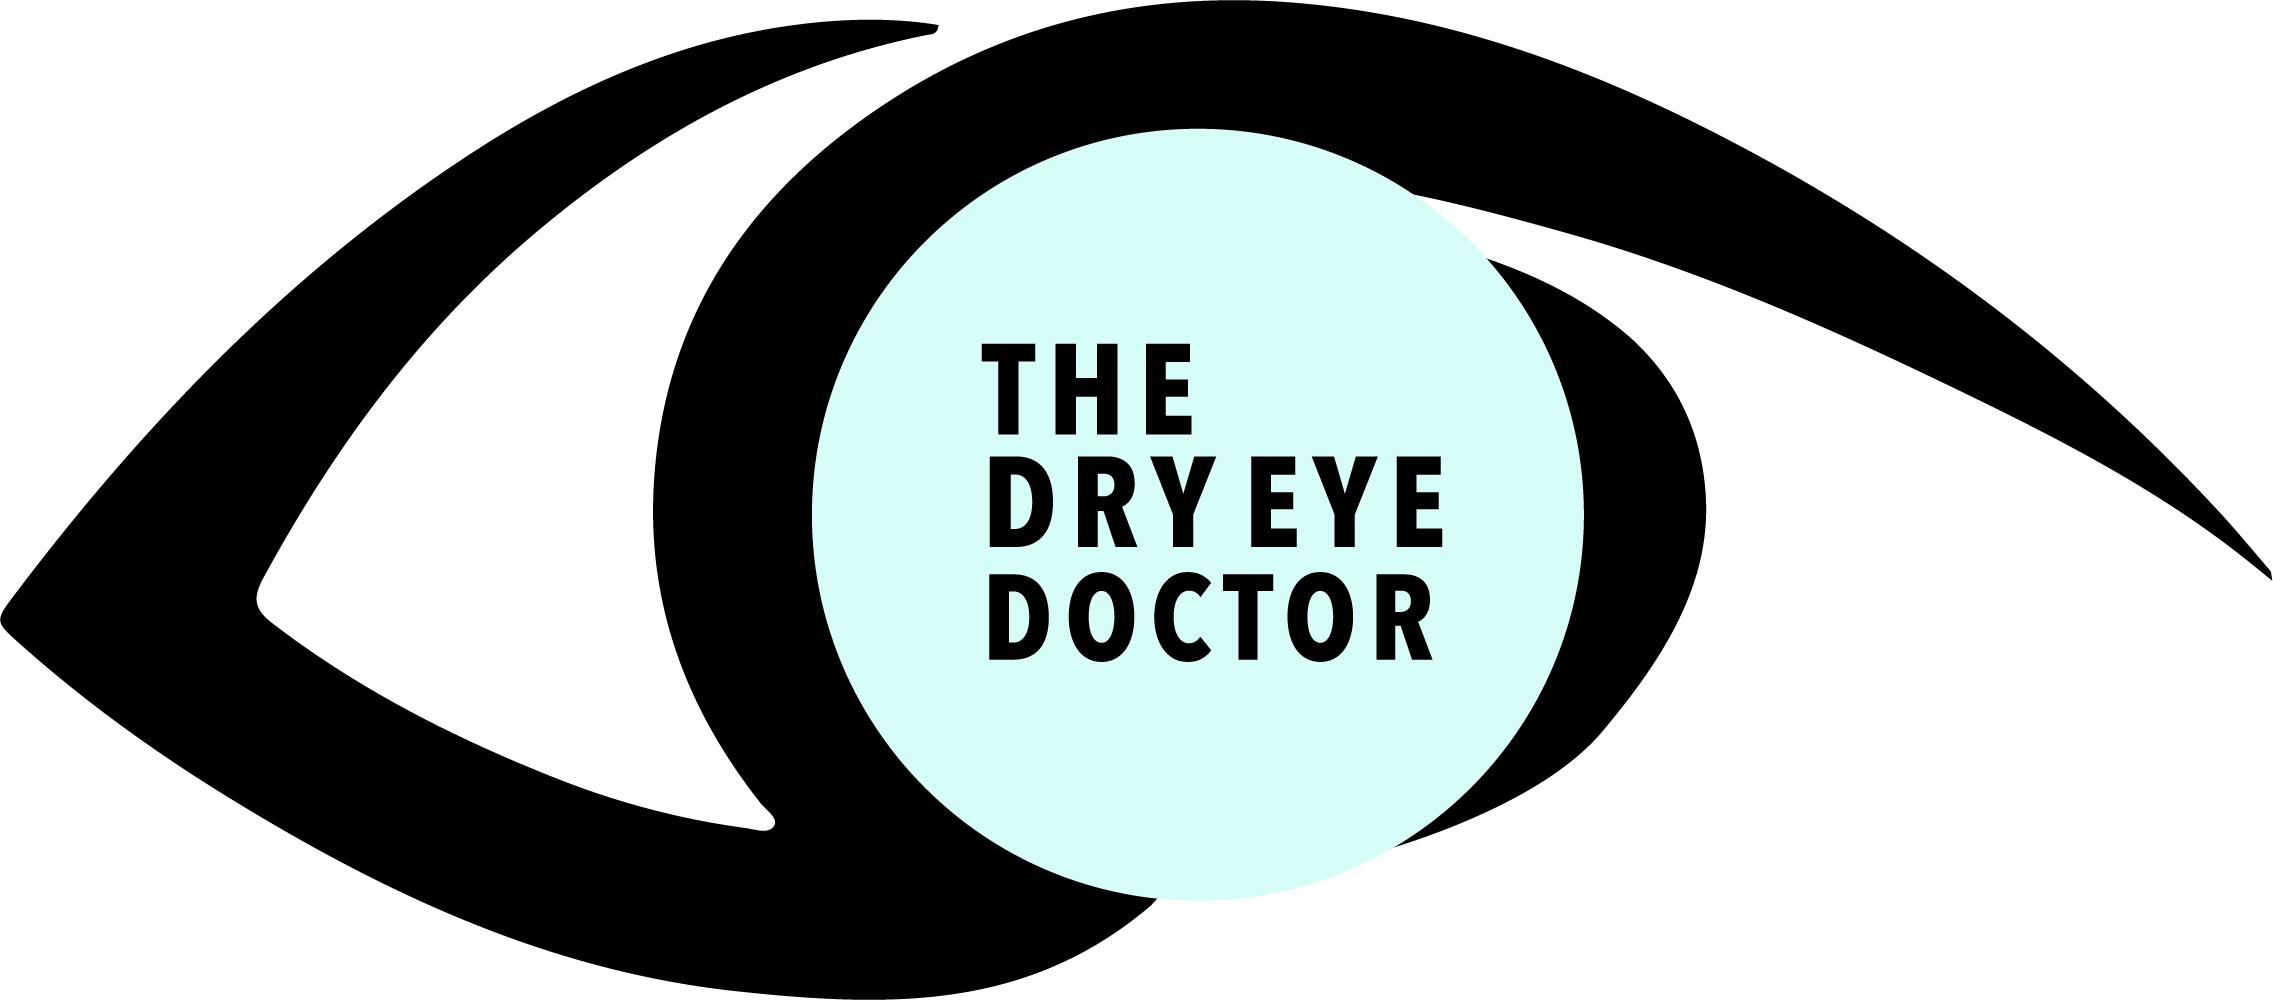 DryEyeDoctorLogo_Print.jpg